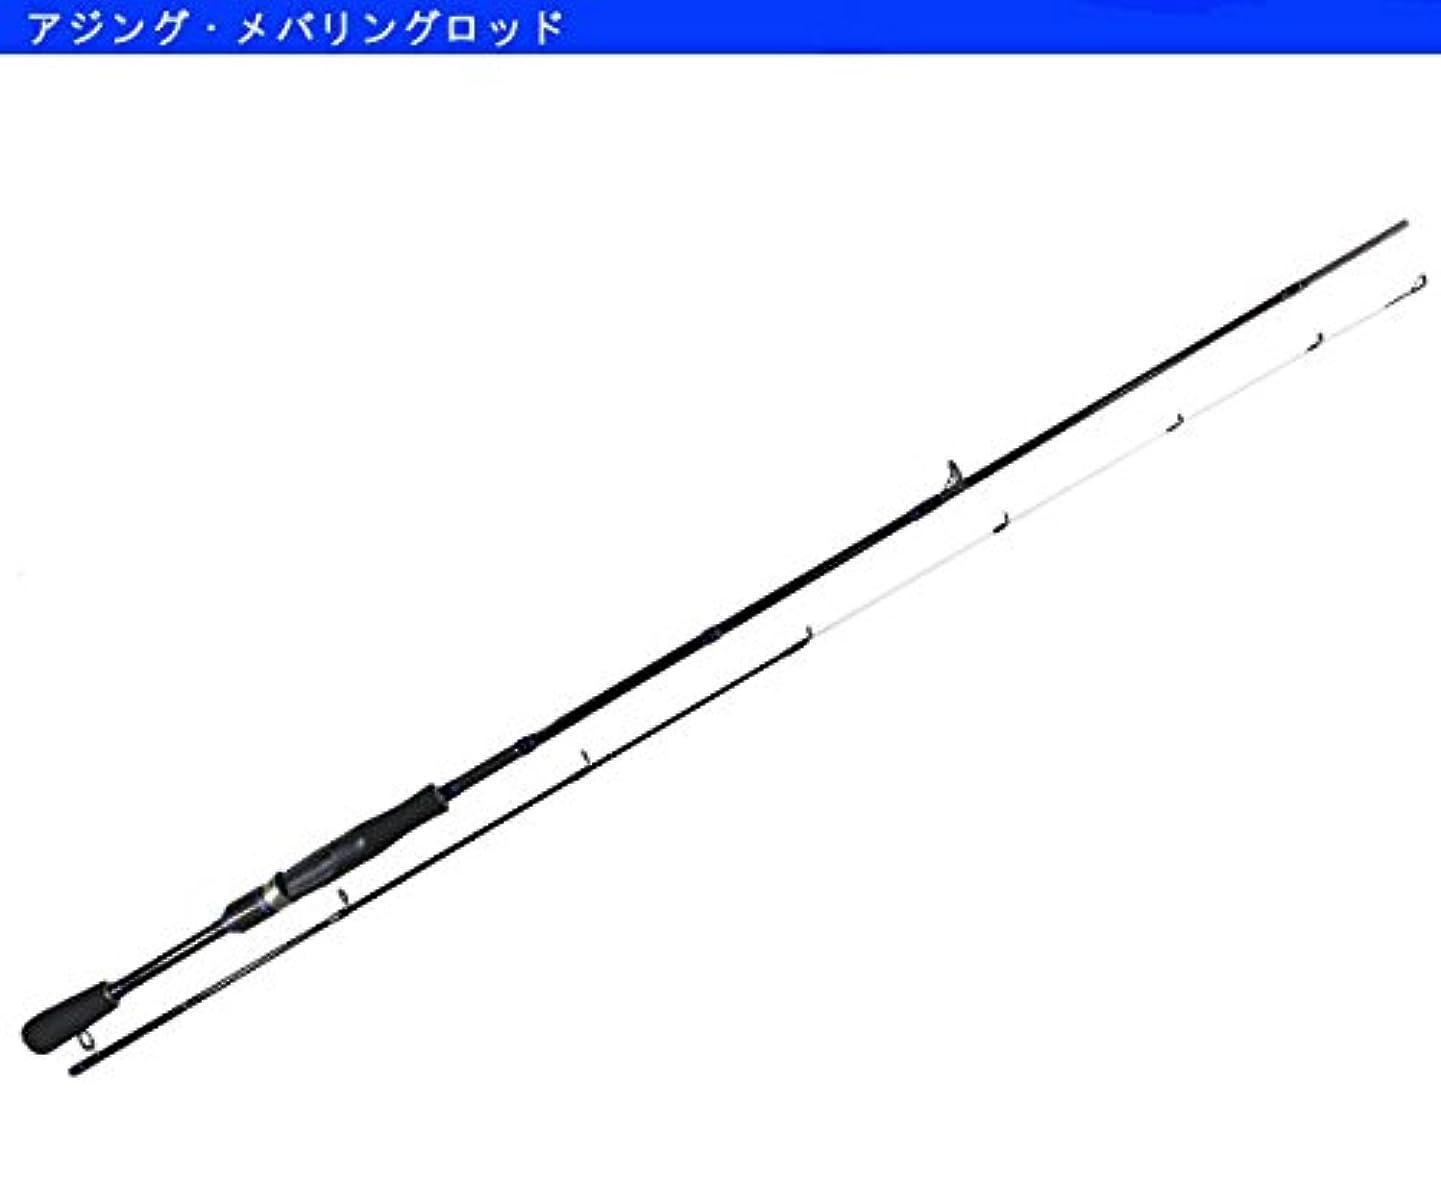 ライン四分円意欲PRO TRUST(プロトラスト) LIGHT VARSAL LV-682ST 203cm 061309 アジング?メバリングロッド